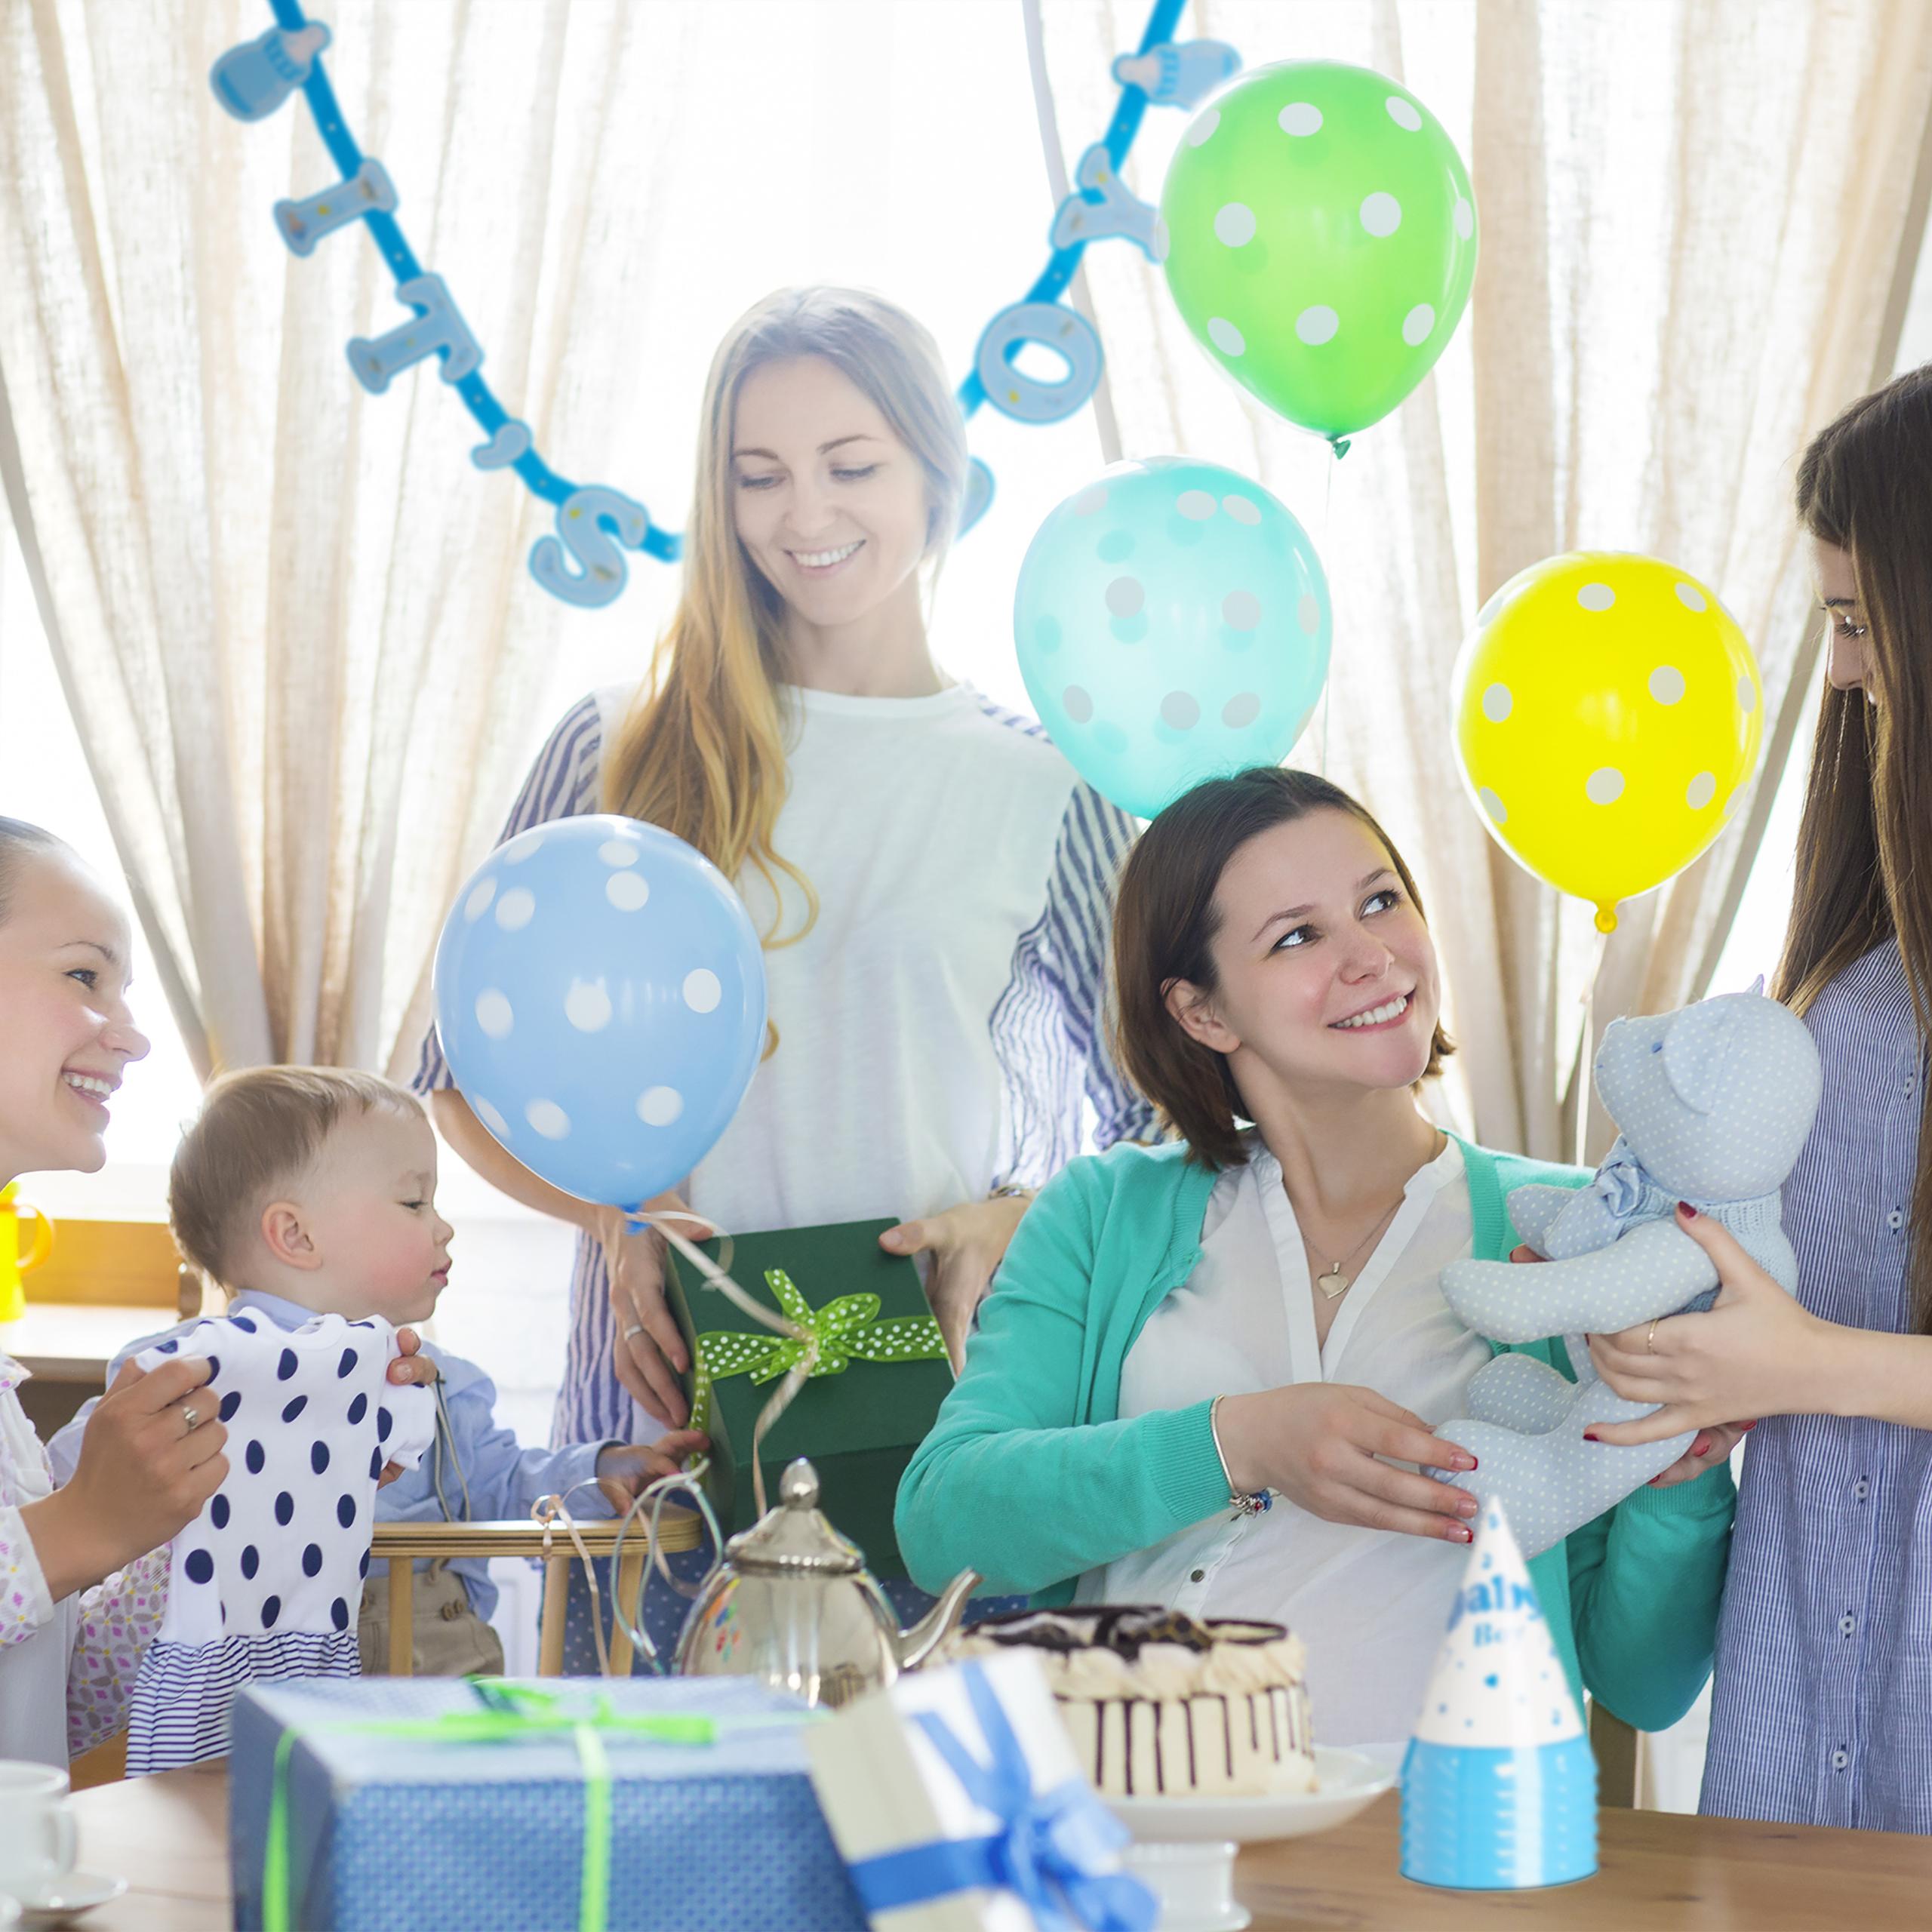 babyparty deko set 19 teilig babyshower boy girl zubeh r. Black Bedroom Furniture Sets. Home Design Ideas